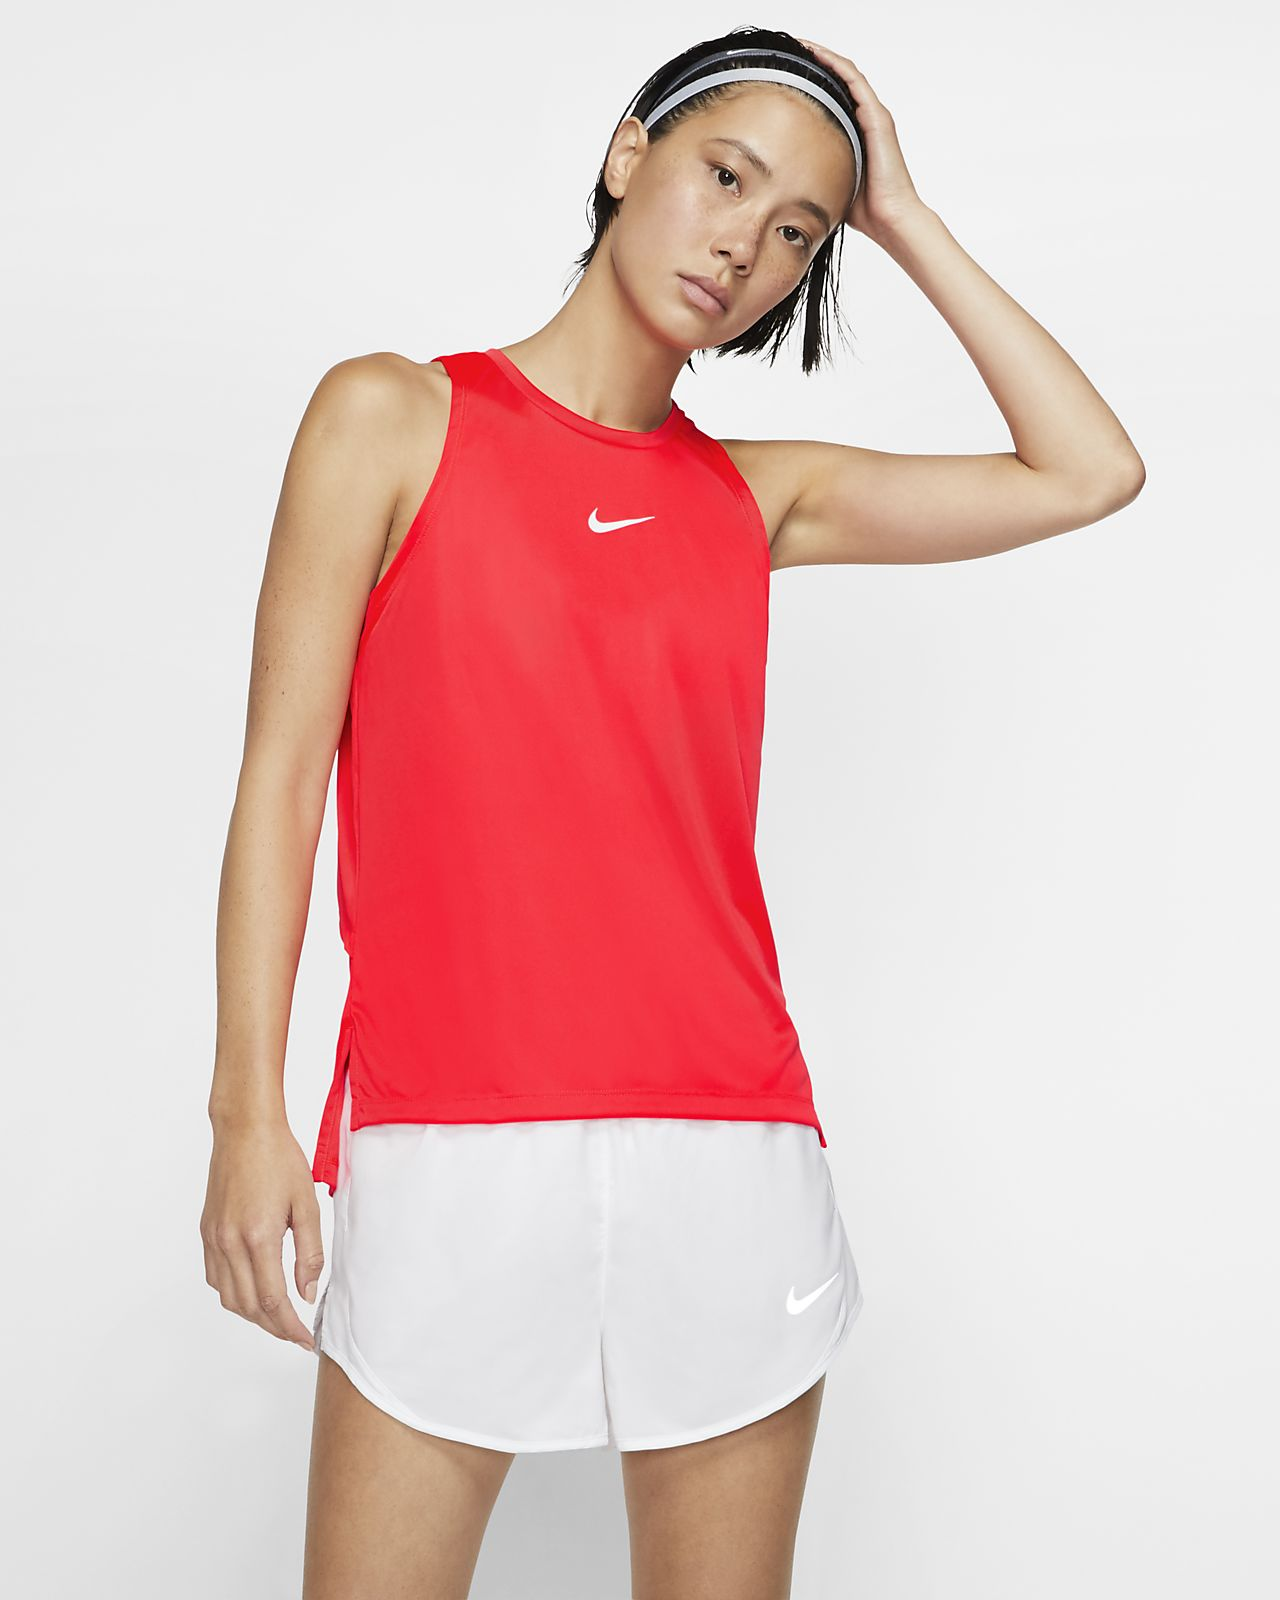 Nike Dri-FIT Women's Graphic Running Tank